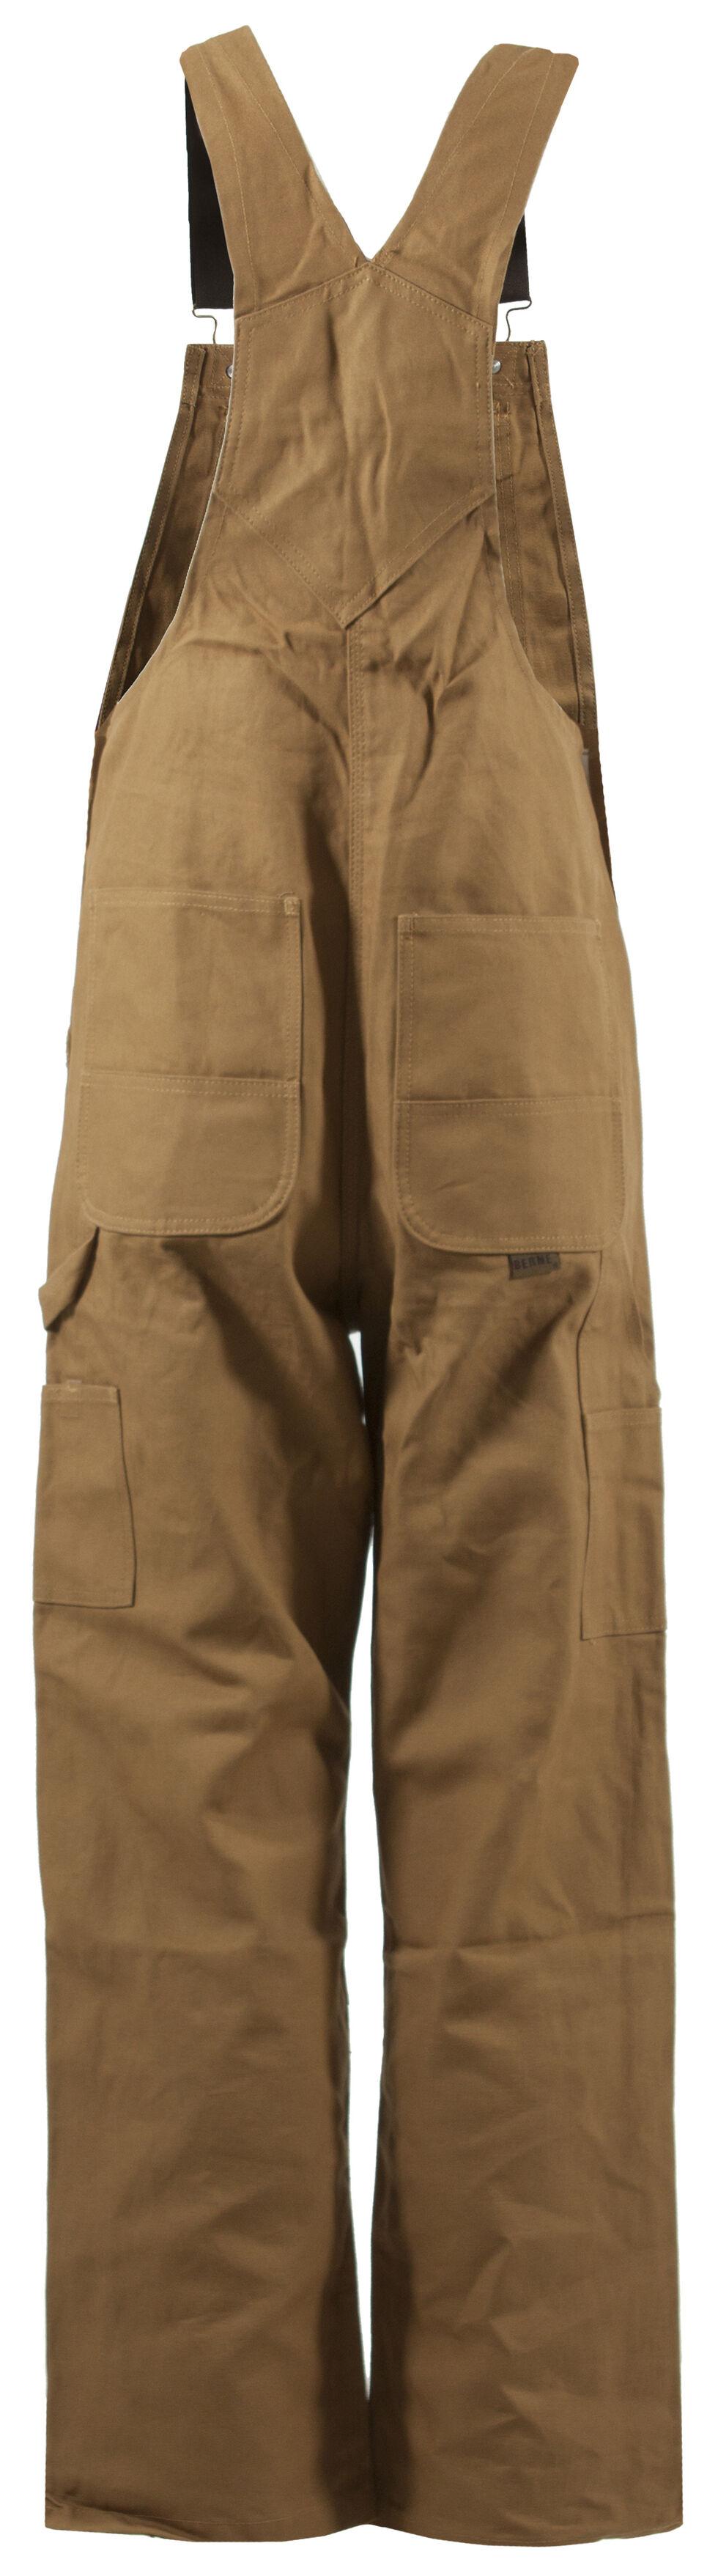 Berne Men's Original Unlined Duck Bib Overalls - TallXX, Brown, hi-res